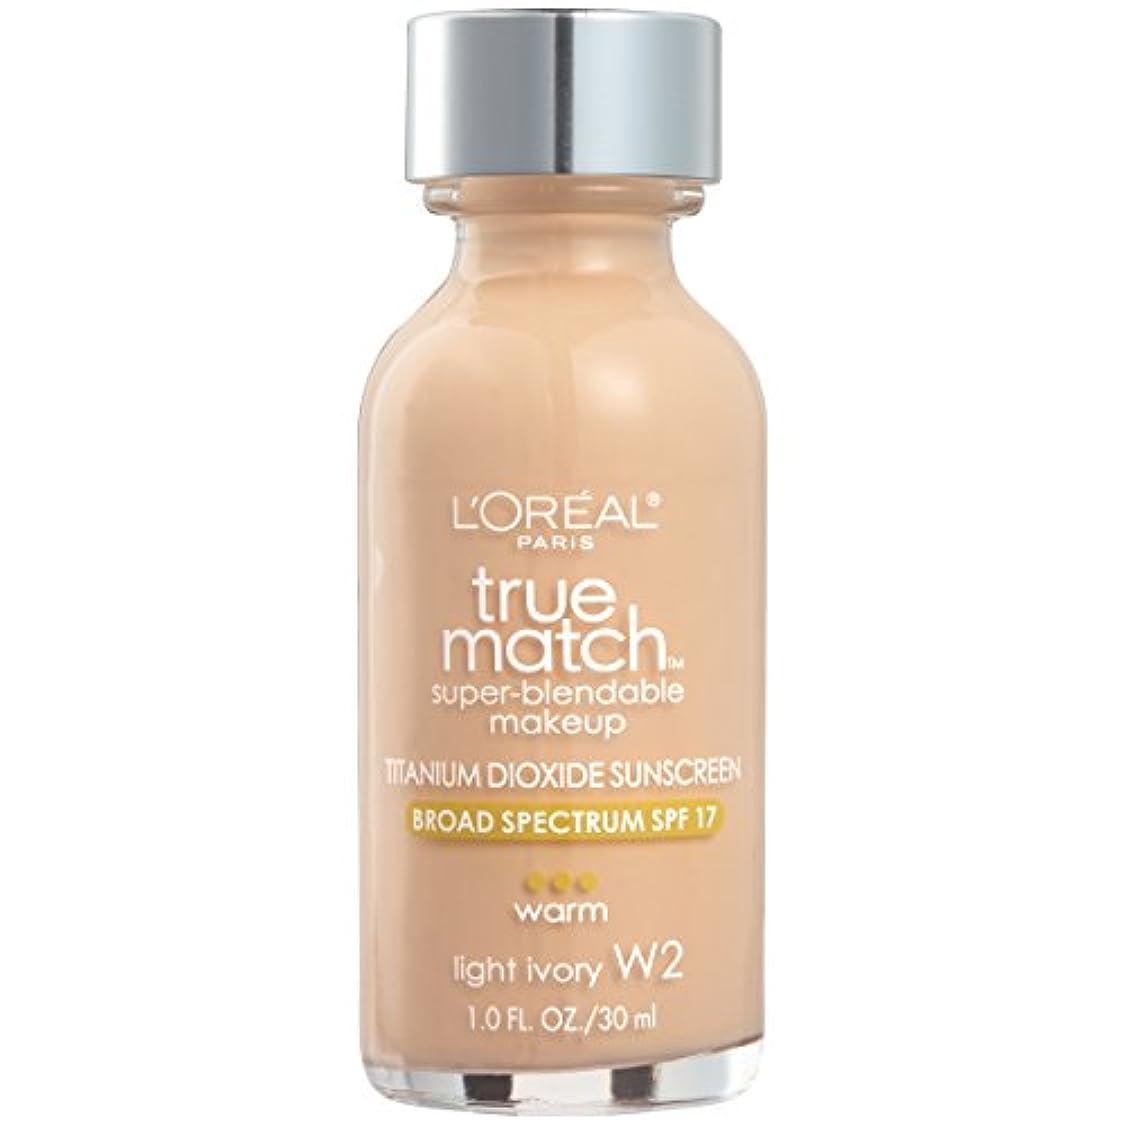 持参平方敏感なL'Oréal True Match Super-Blendable Foundation Makeup (LIGHT IVORY)